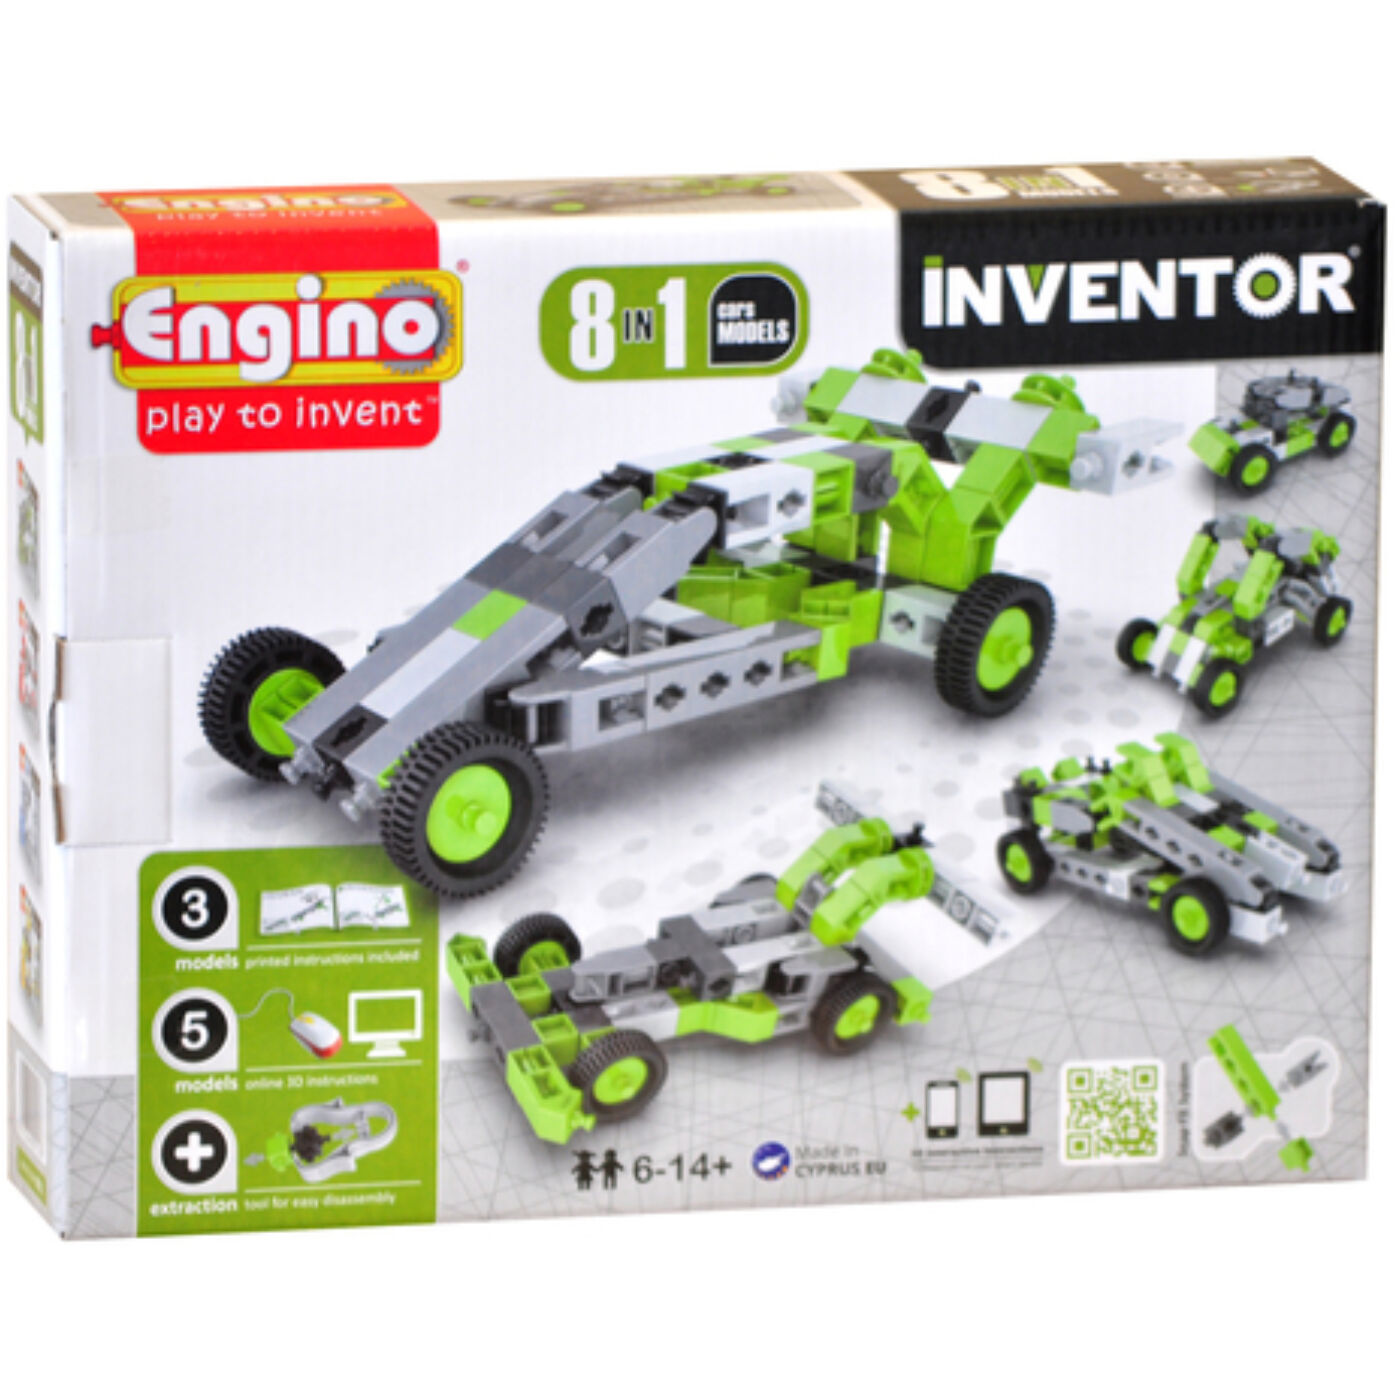 Engino Inventor autók 8in1